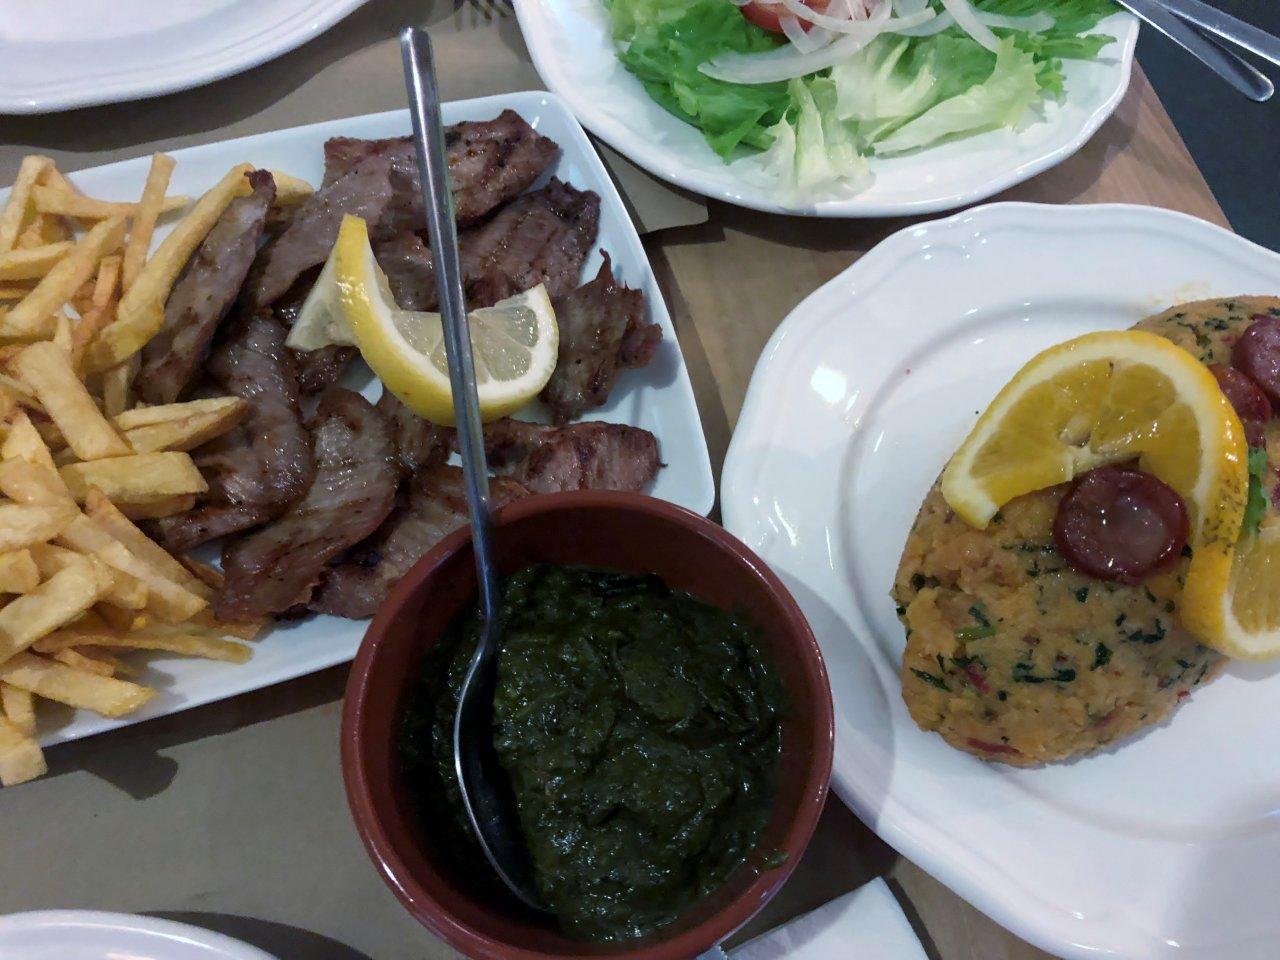 Restaurante porco preto e tinto restaurante porco preto e tinto Restaurante Porco Preto e Tinto Restaurante porco preto e tinto 4